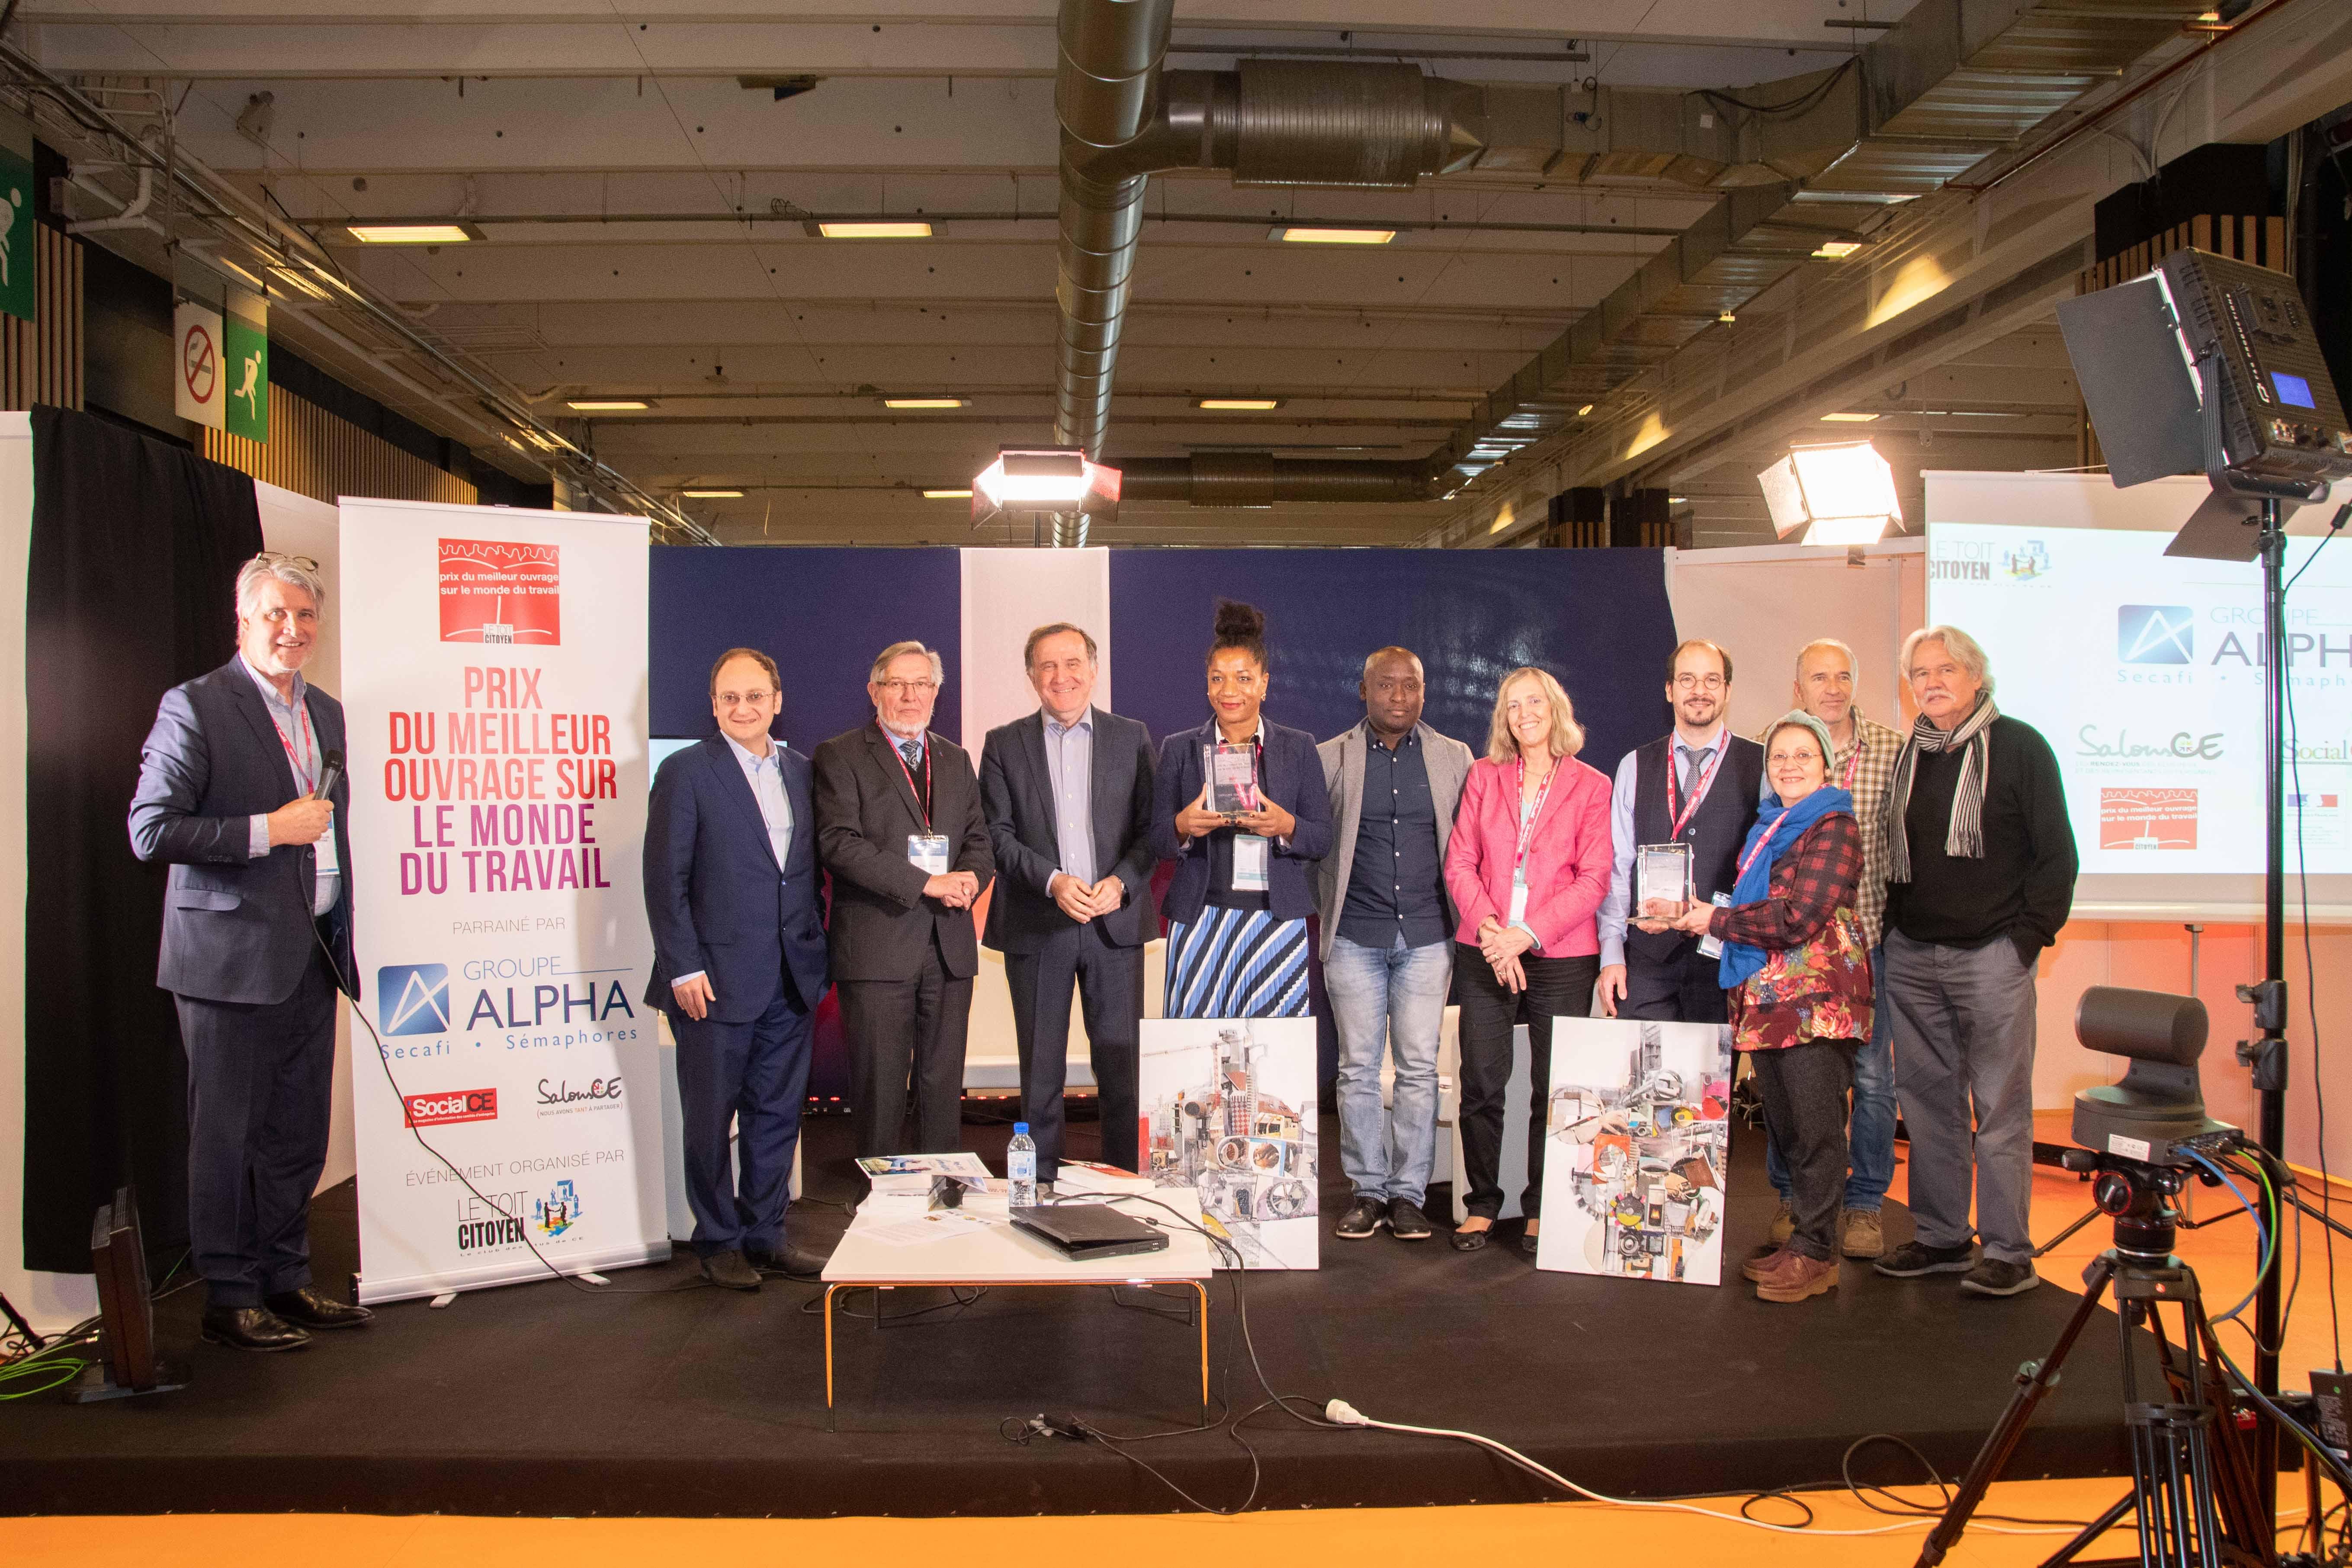 Succès de la 9 ième édition du Prix 2019 du Meilleur Ouvrage sur le Monde du Travail ! Toutes les photos et les infos sur le blog www.toitcitoyen.com/mondedutravail